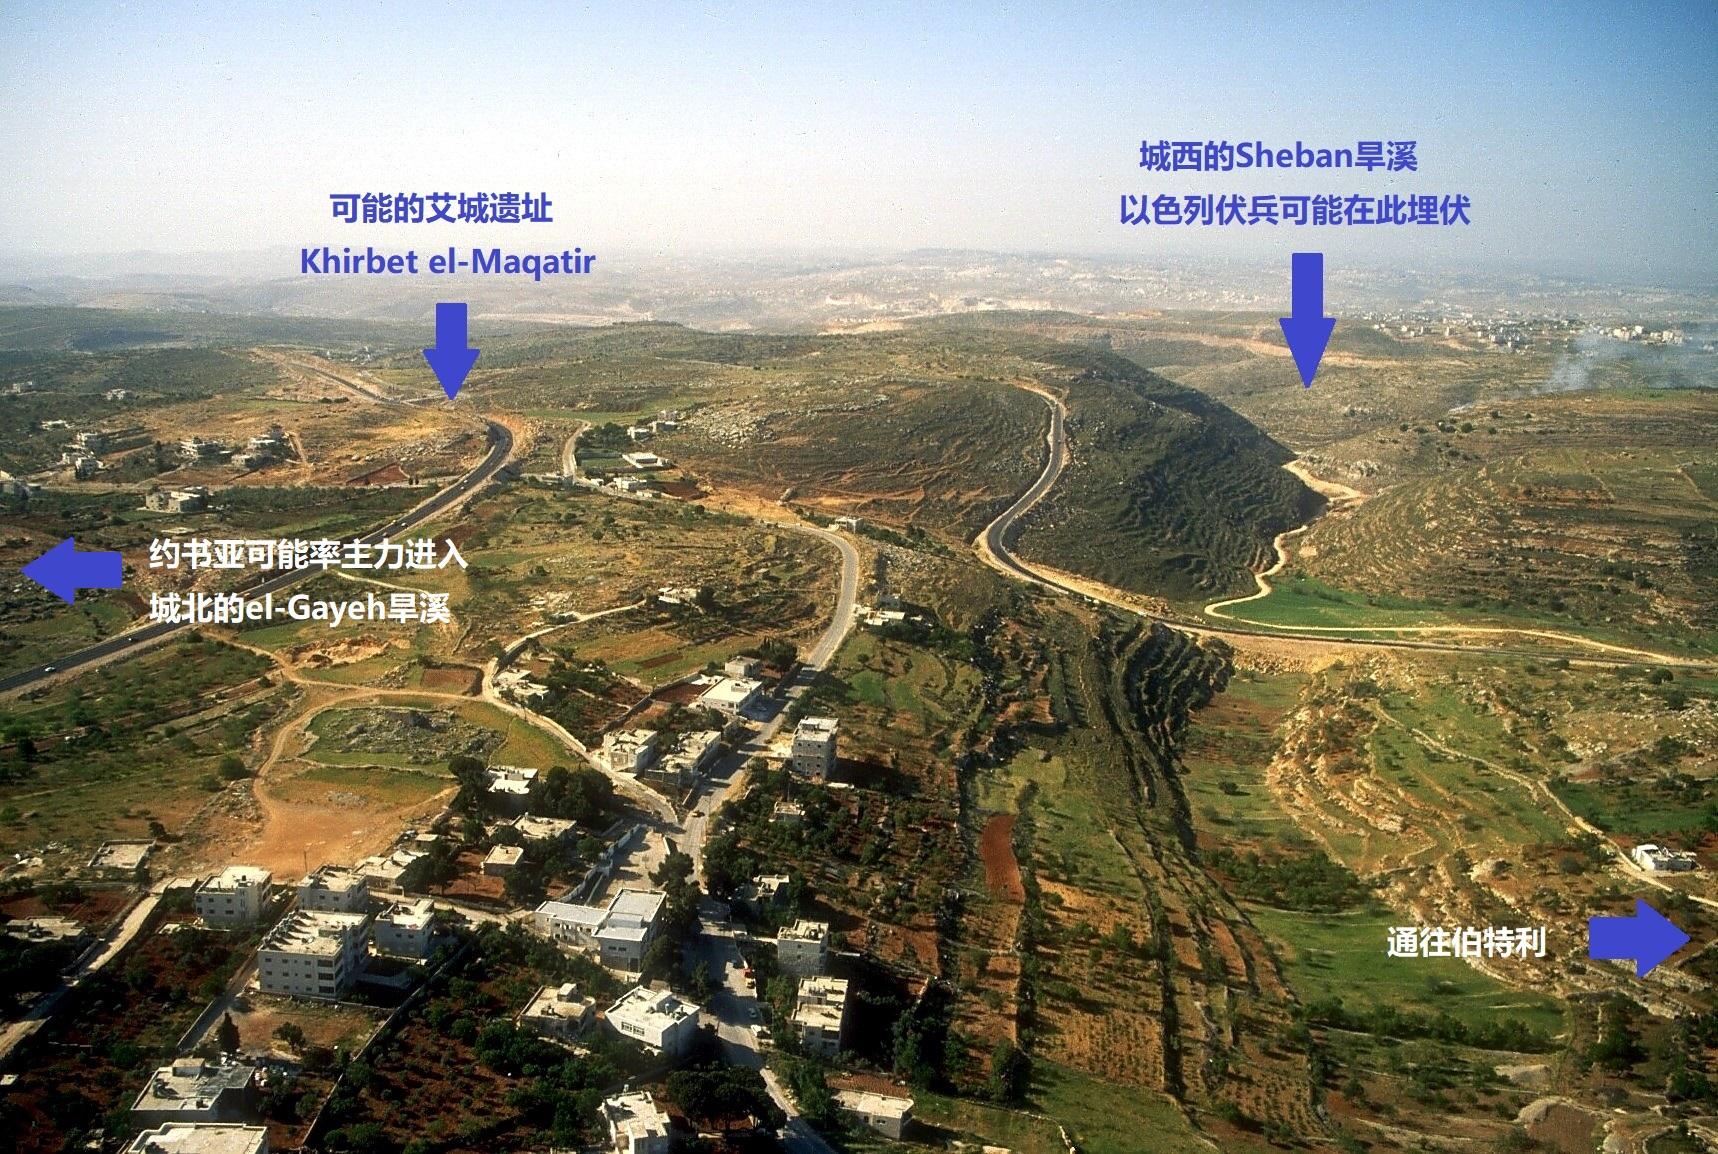 上图:从北向南鸟瞰艾城遗址和古战场。